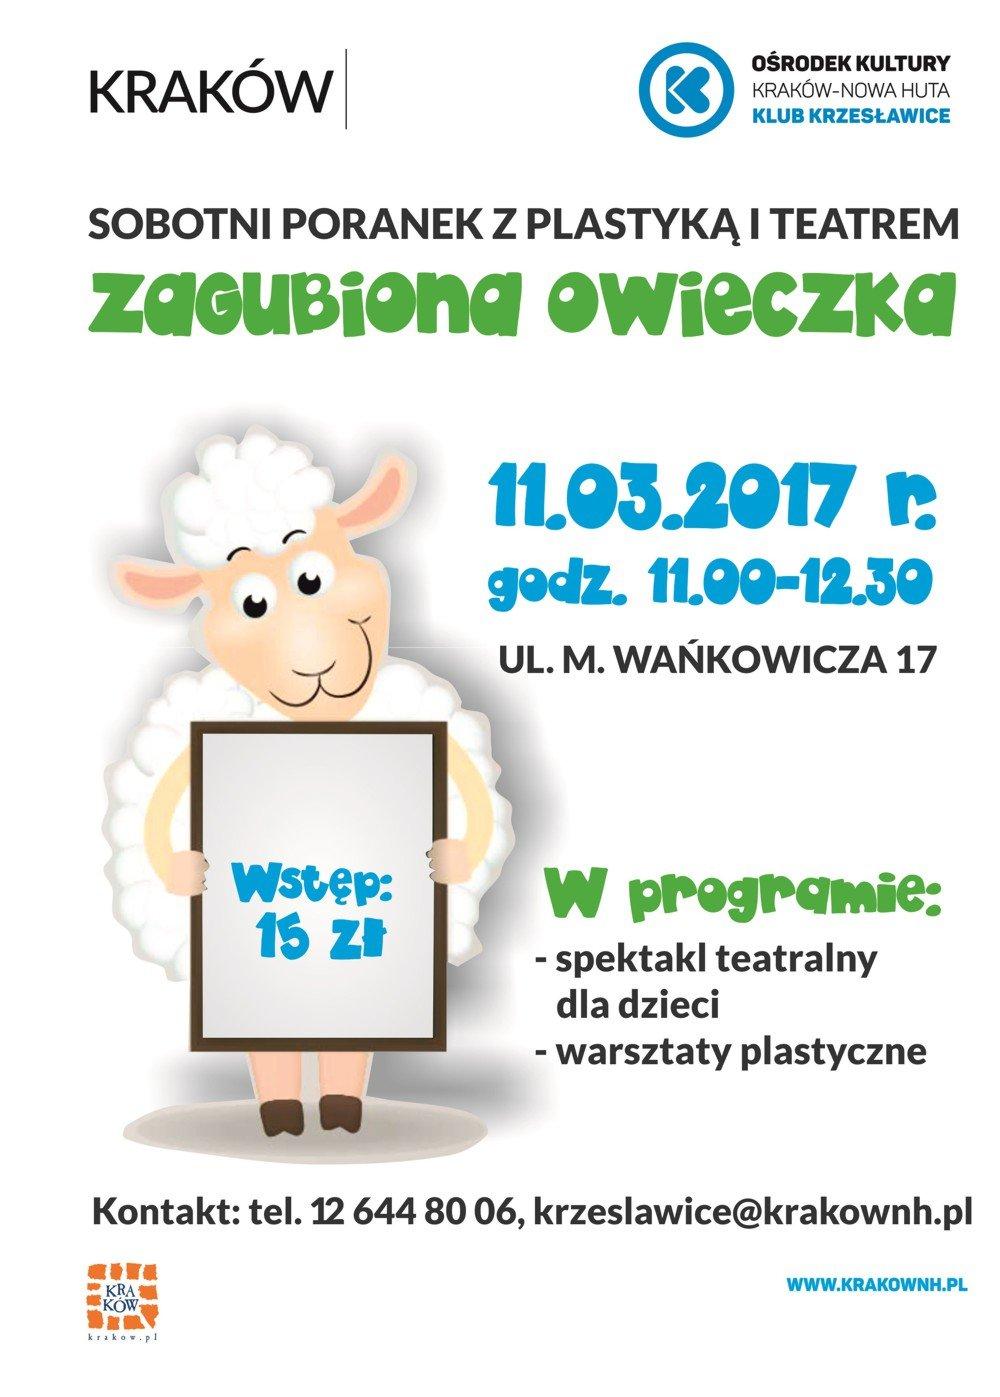 Sobotnie poranki z teatrem i plastyką w Klubie Krzesławice - Zagubiona owieczka